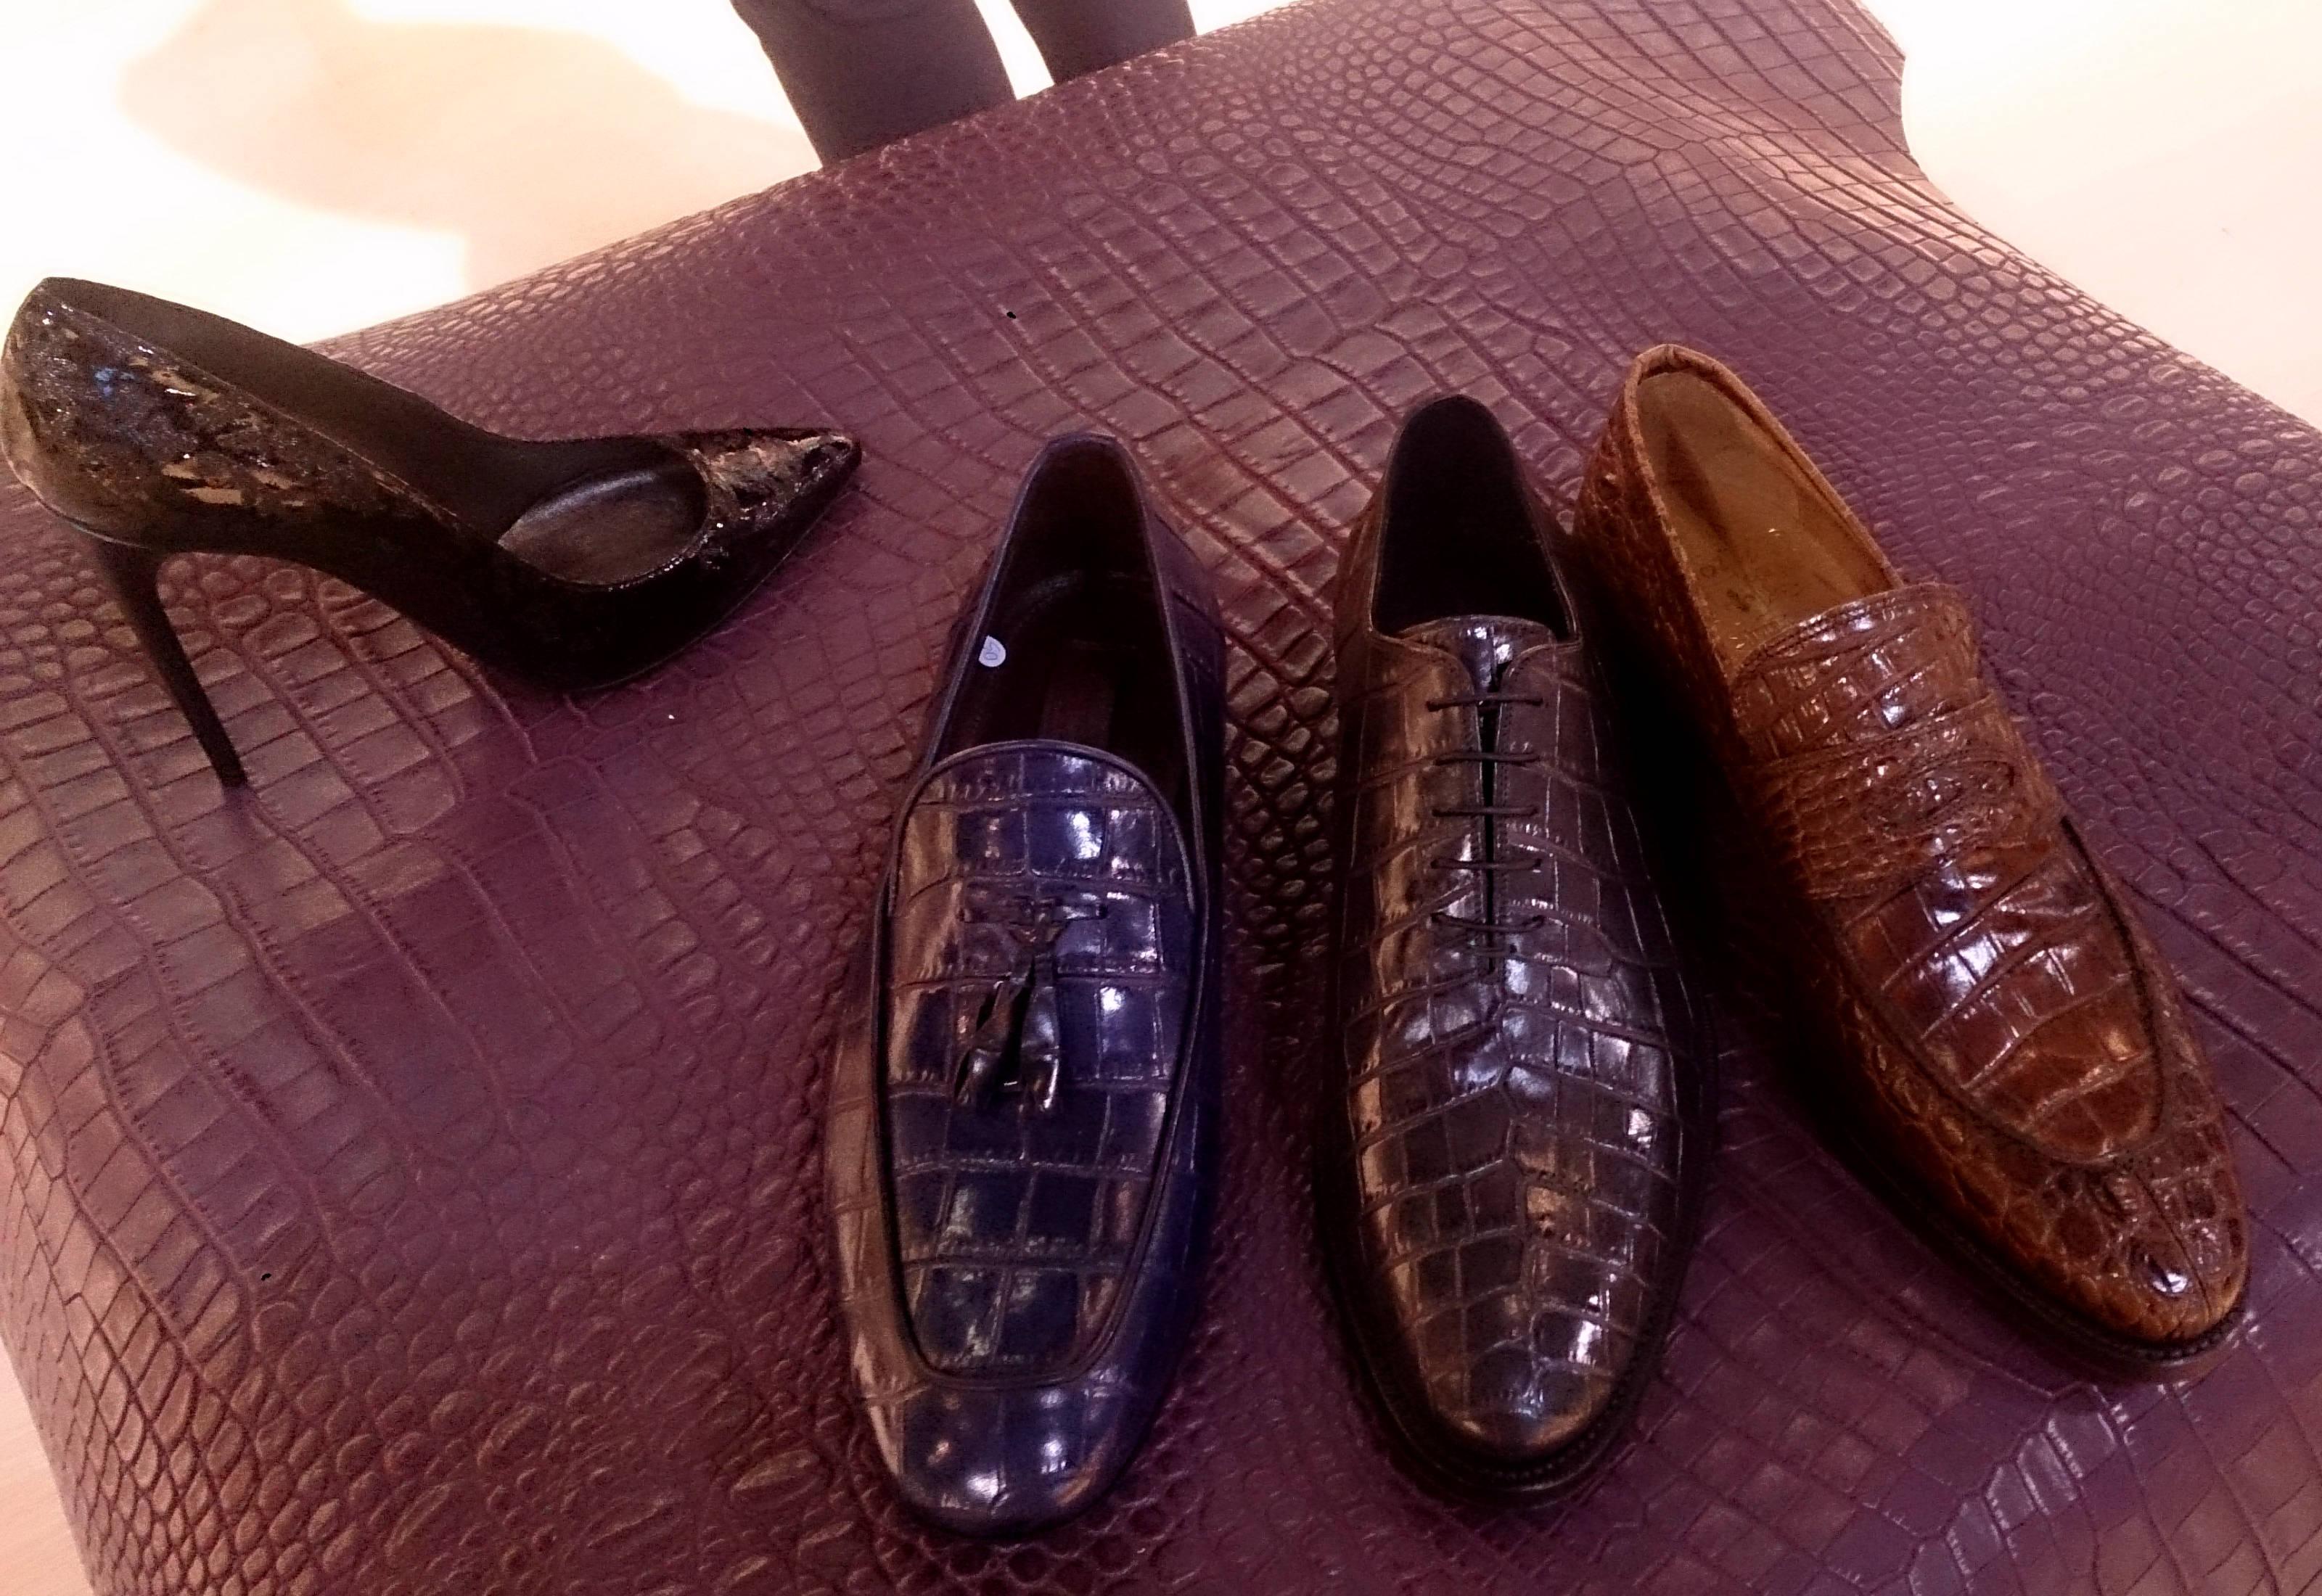 For Footwears